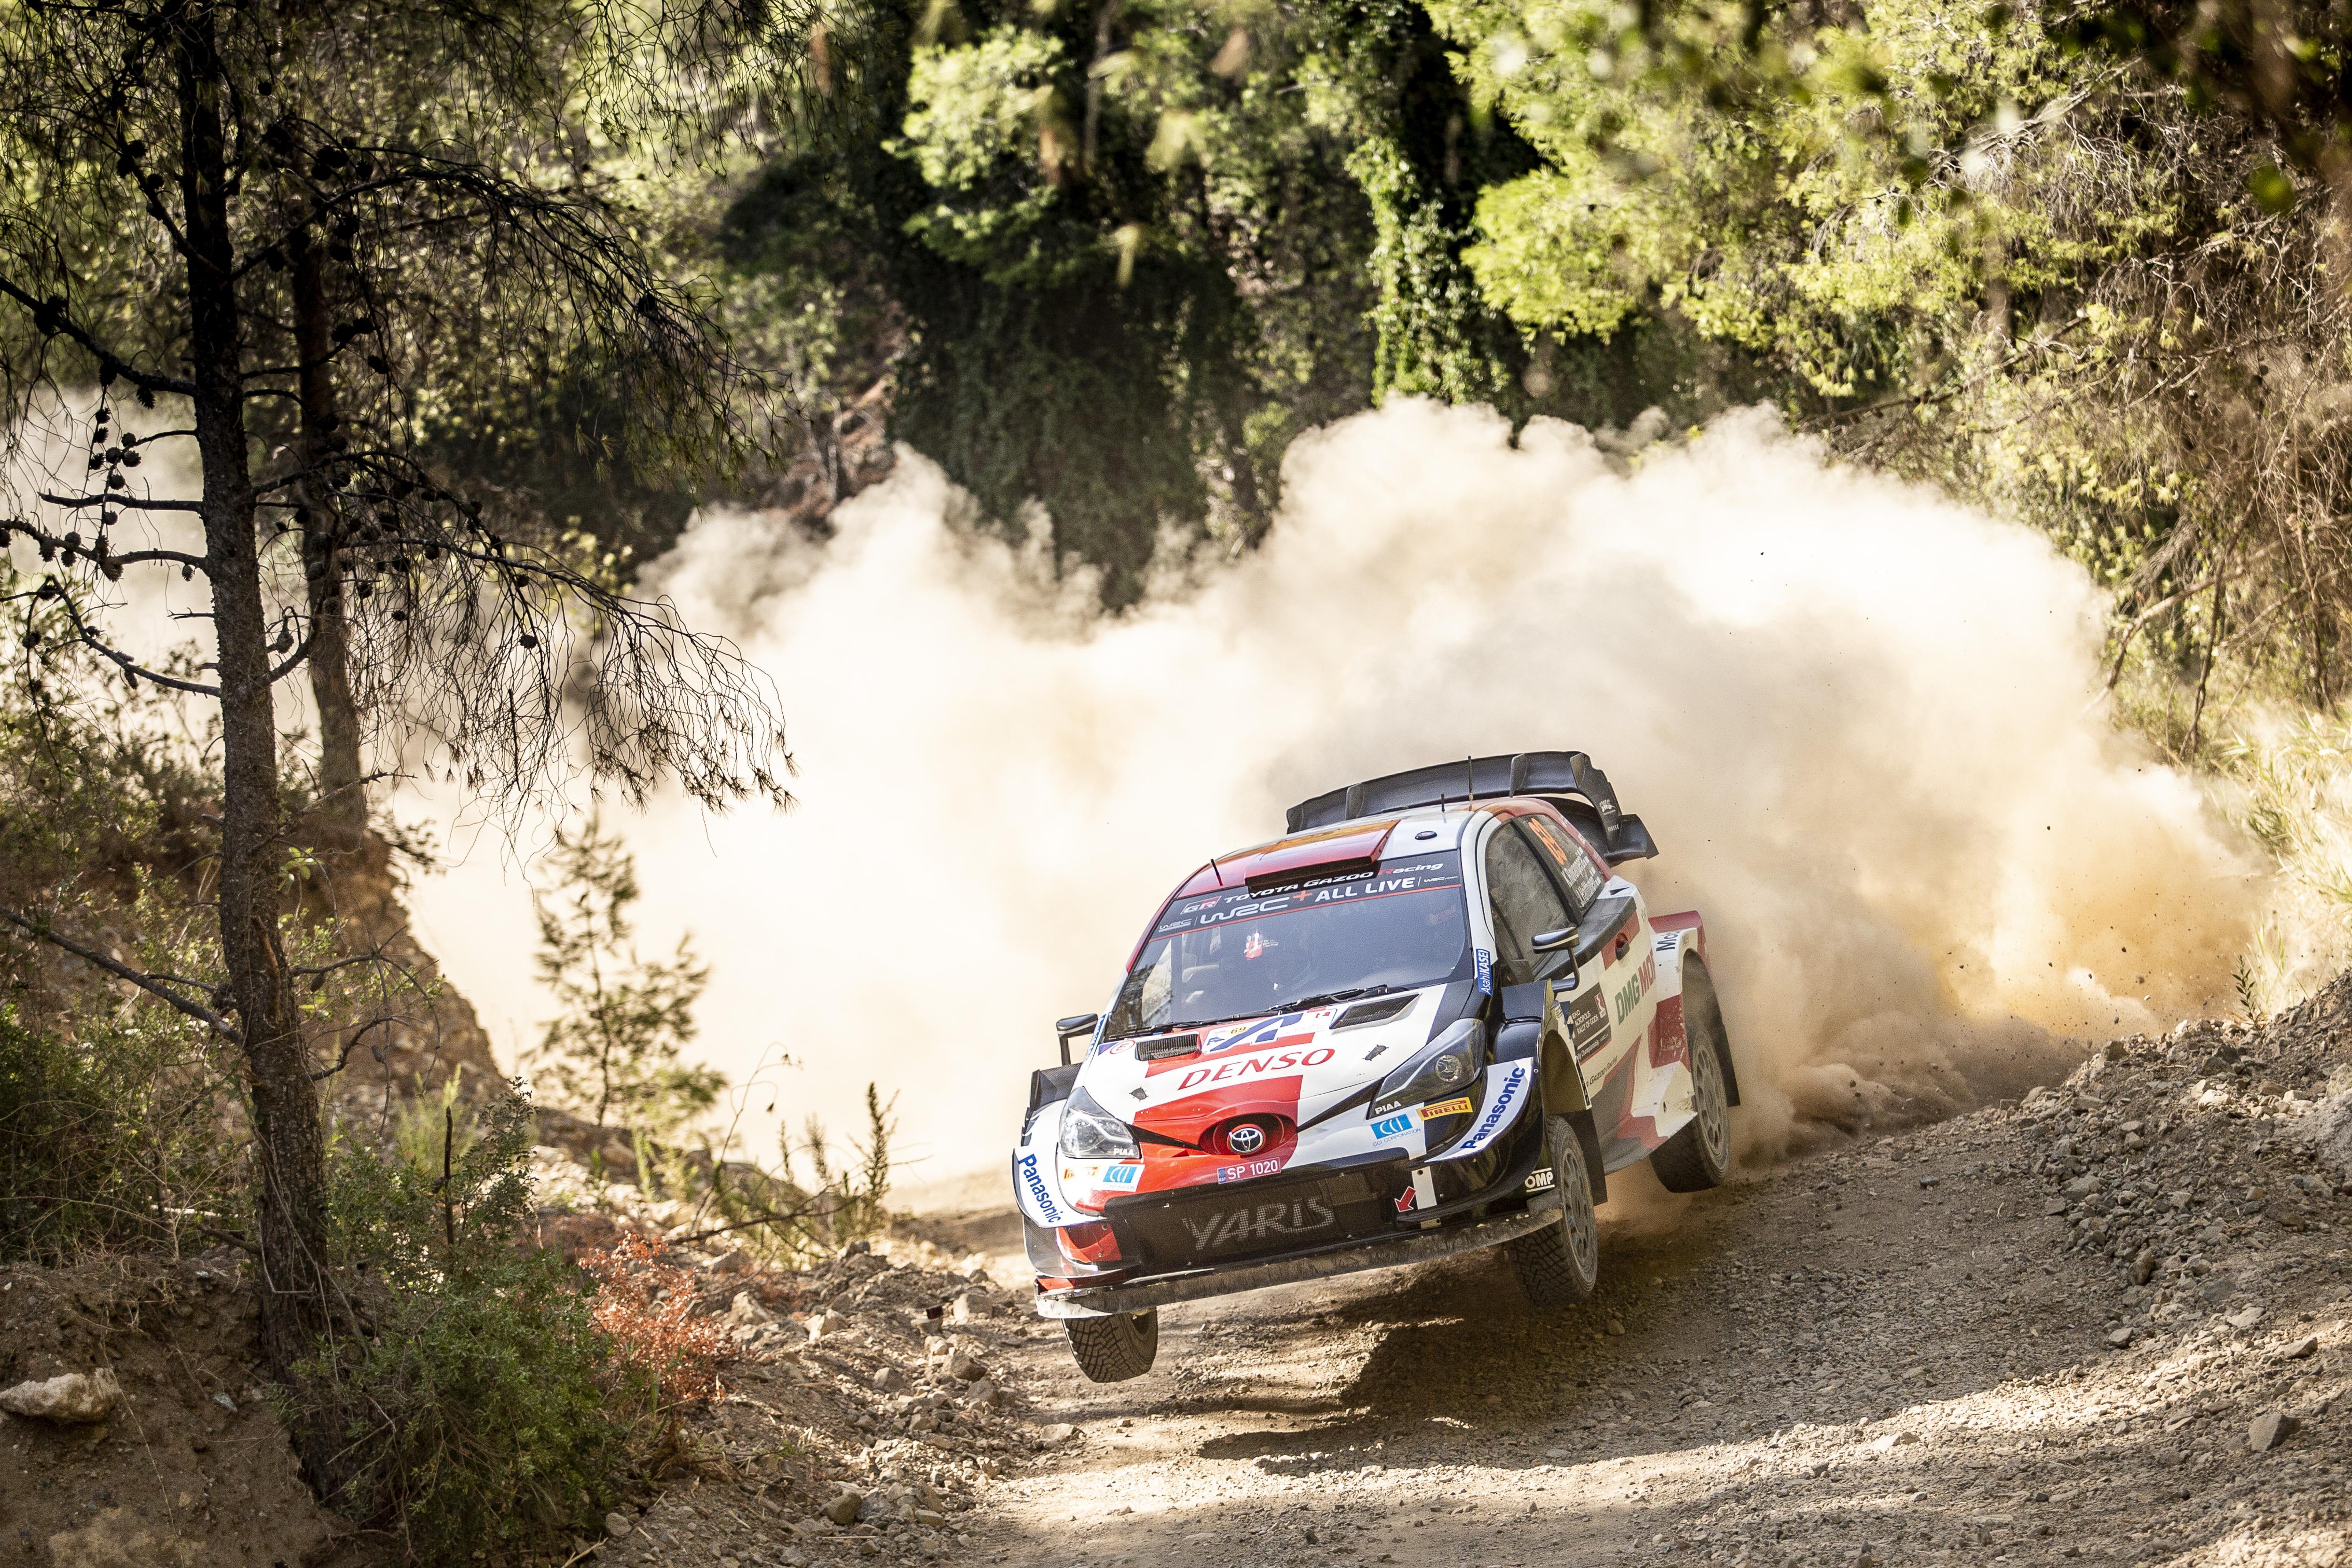 Ο 20χρονος Kalle Rovanpera με Toyota Yaris WRC κέρδισε το ΕΚΟ Ράλι Ακρόπολις